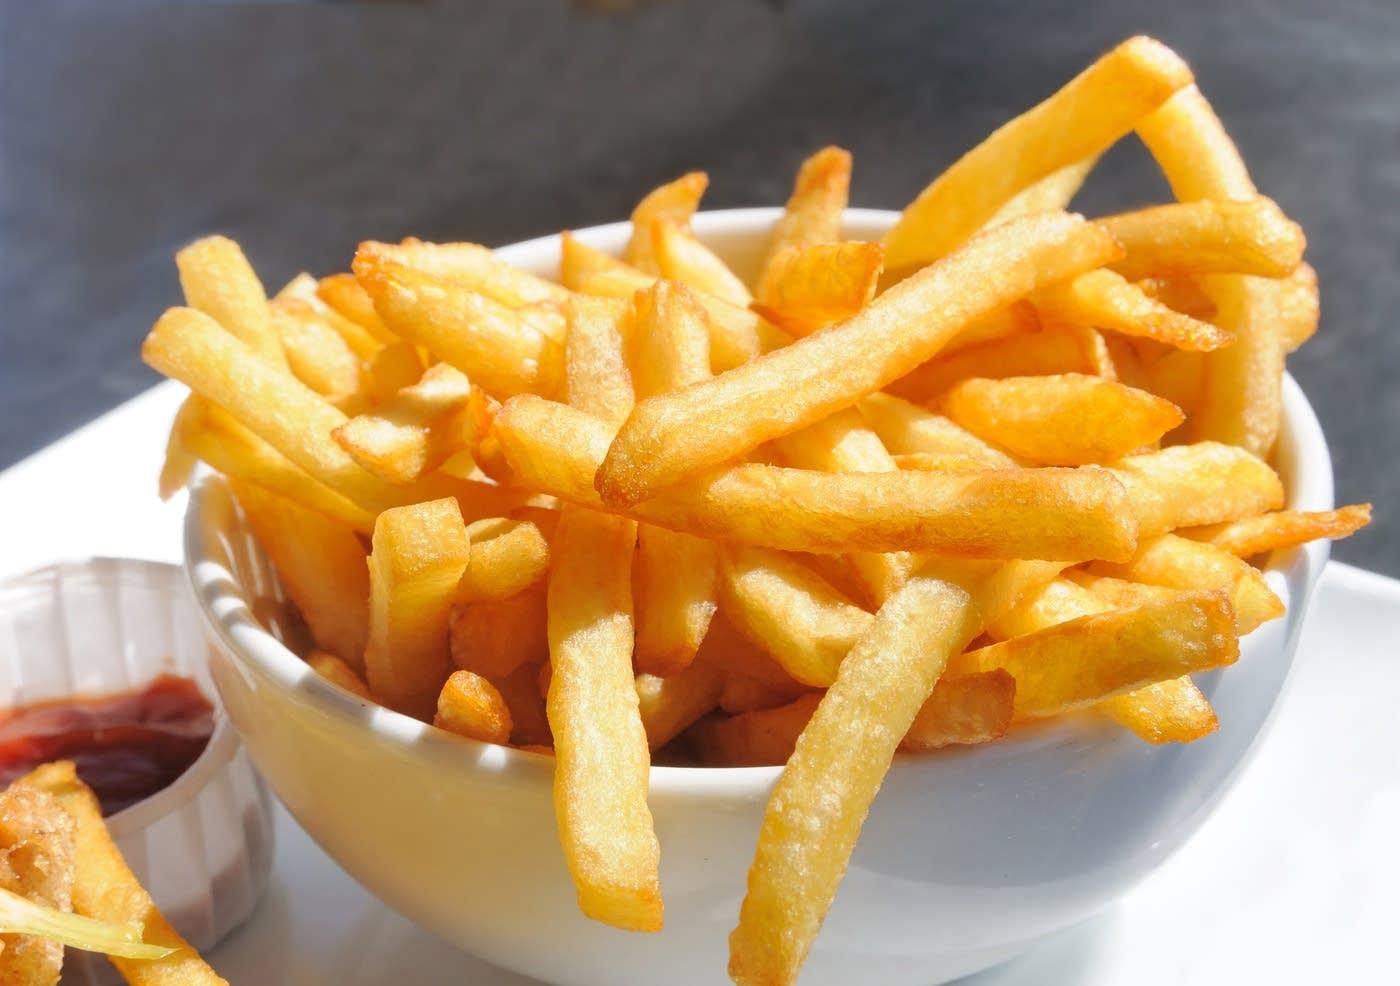 b5464d-splendid-table-french-fries.jpg